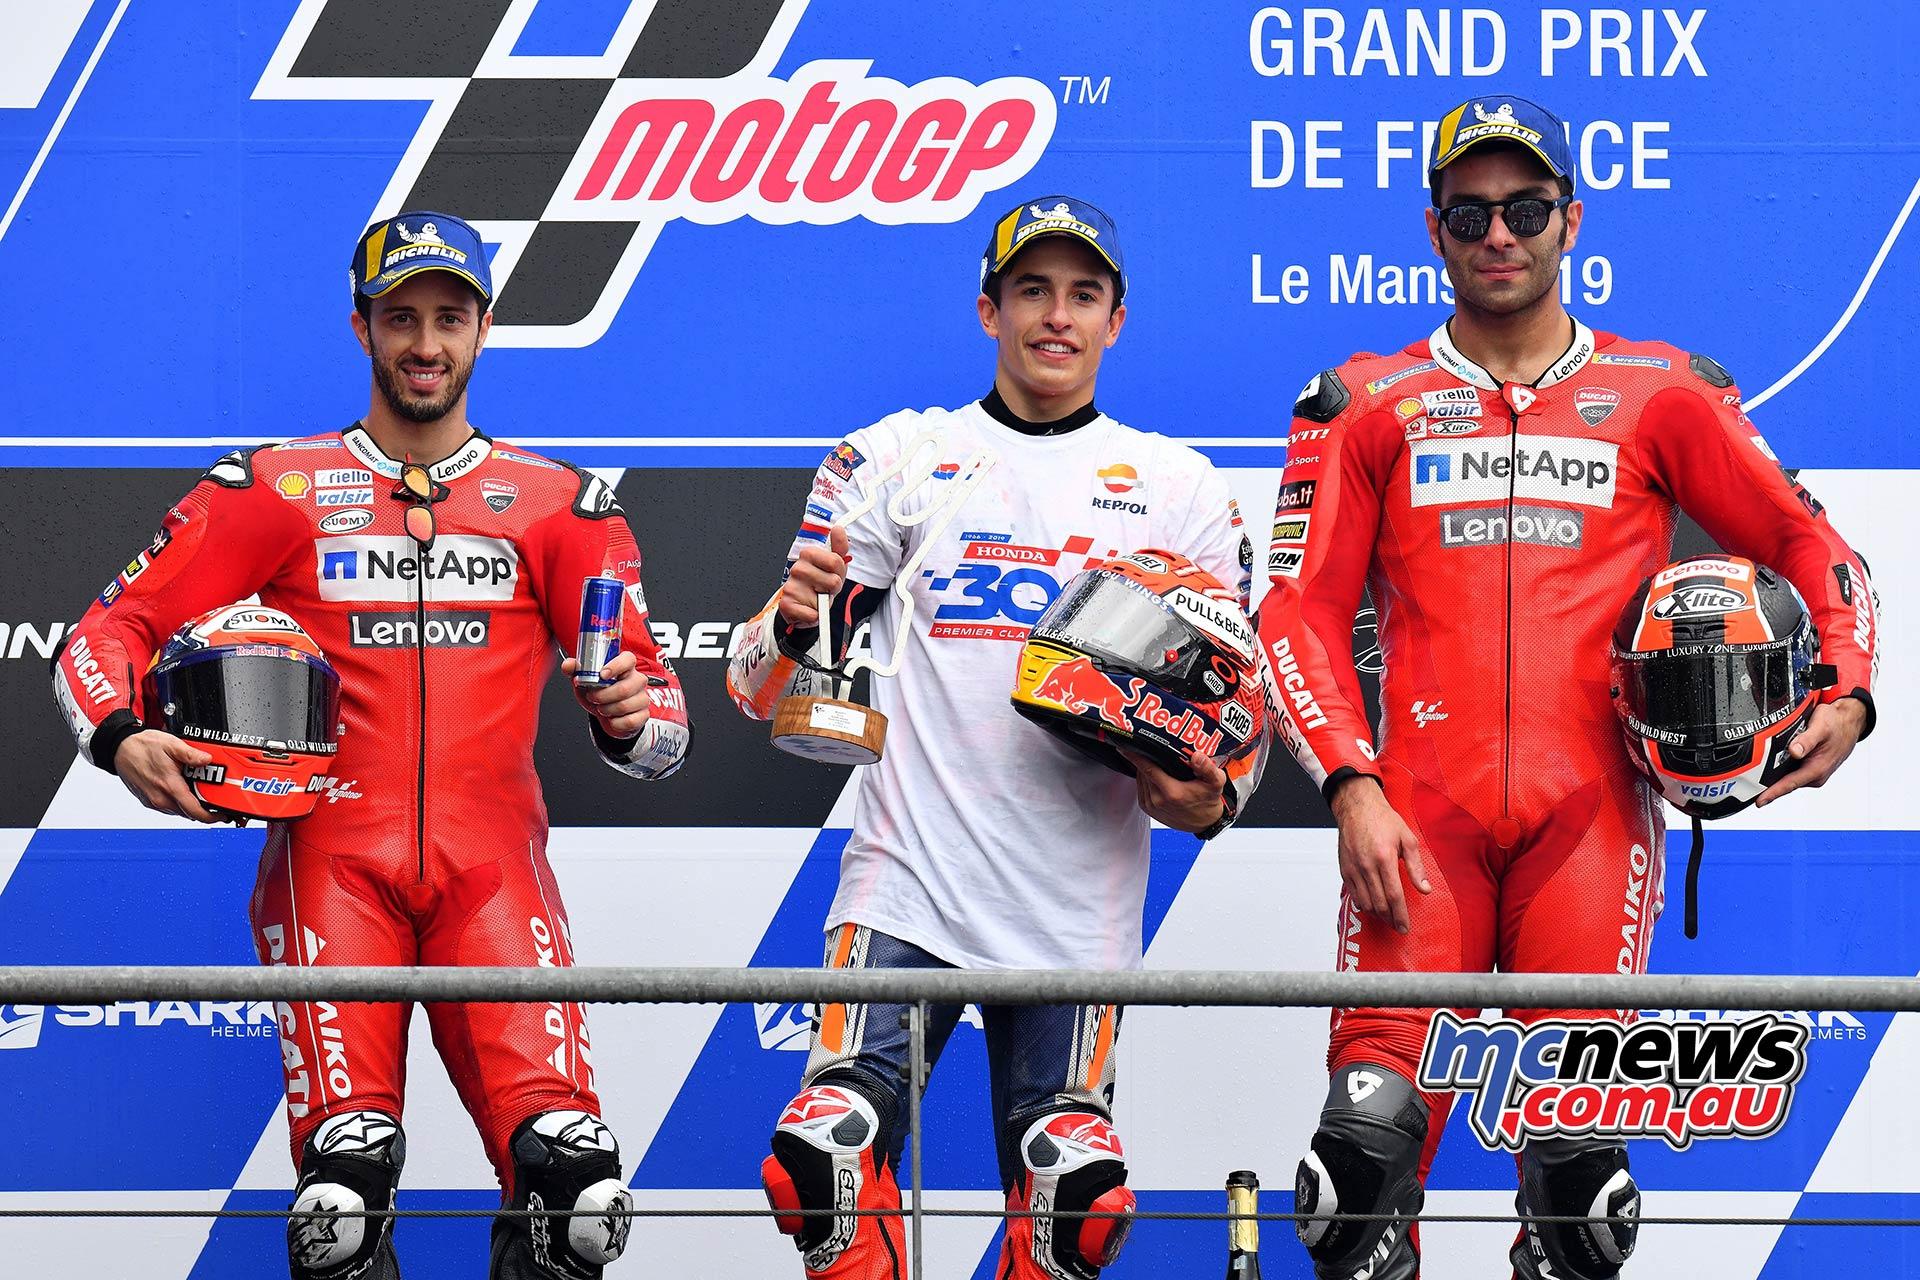 MotoGP Rnd LeMans Podium Marquez Dovizioso Petrucci